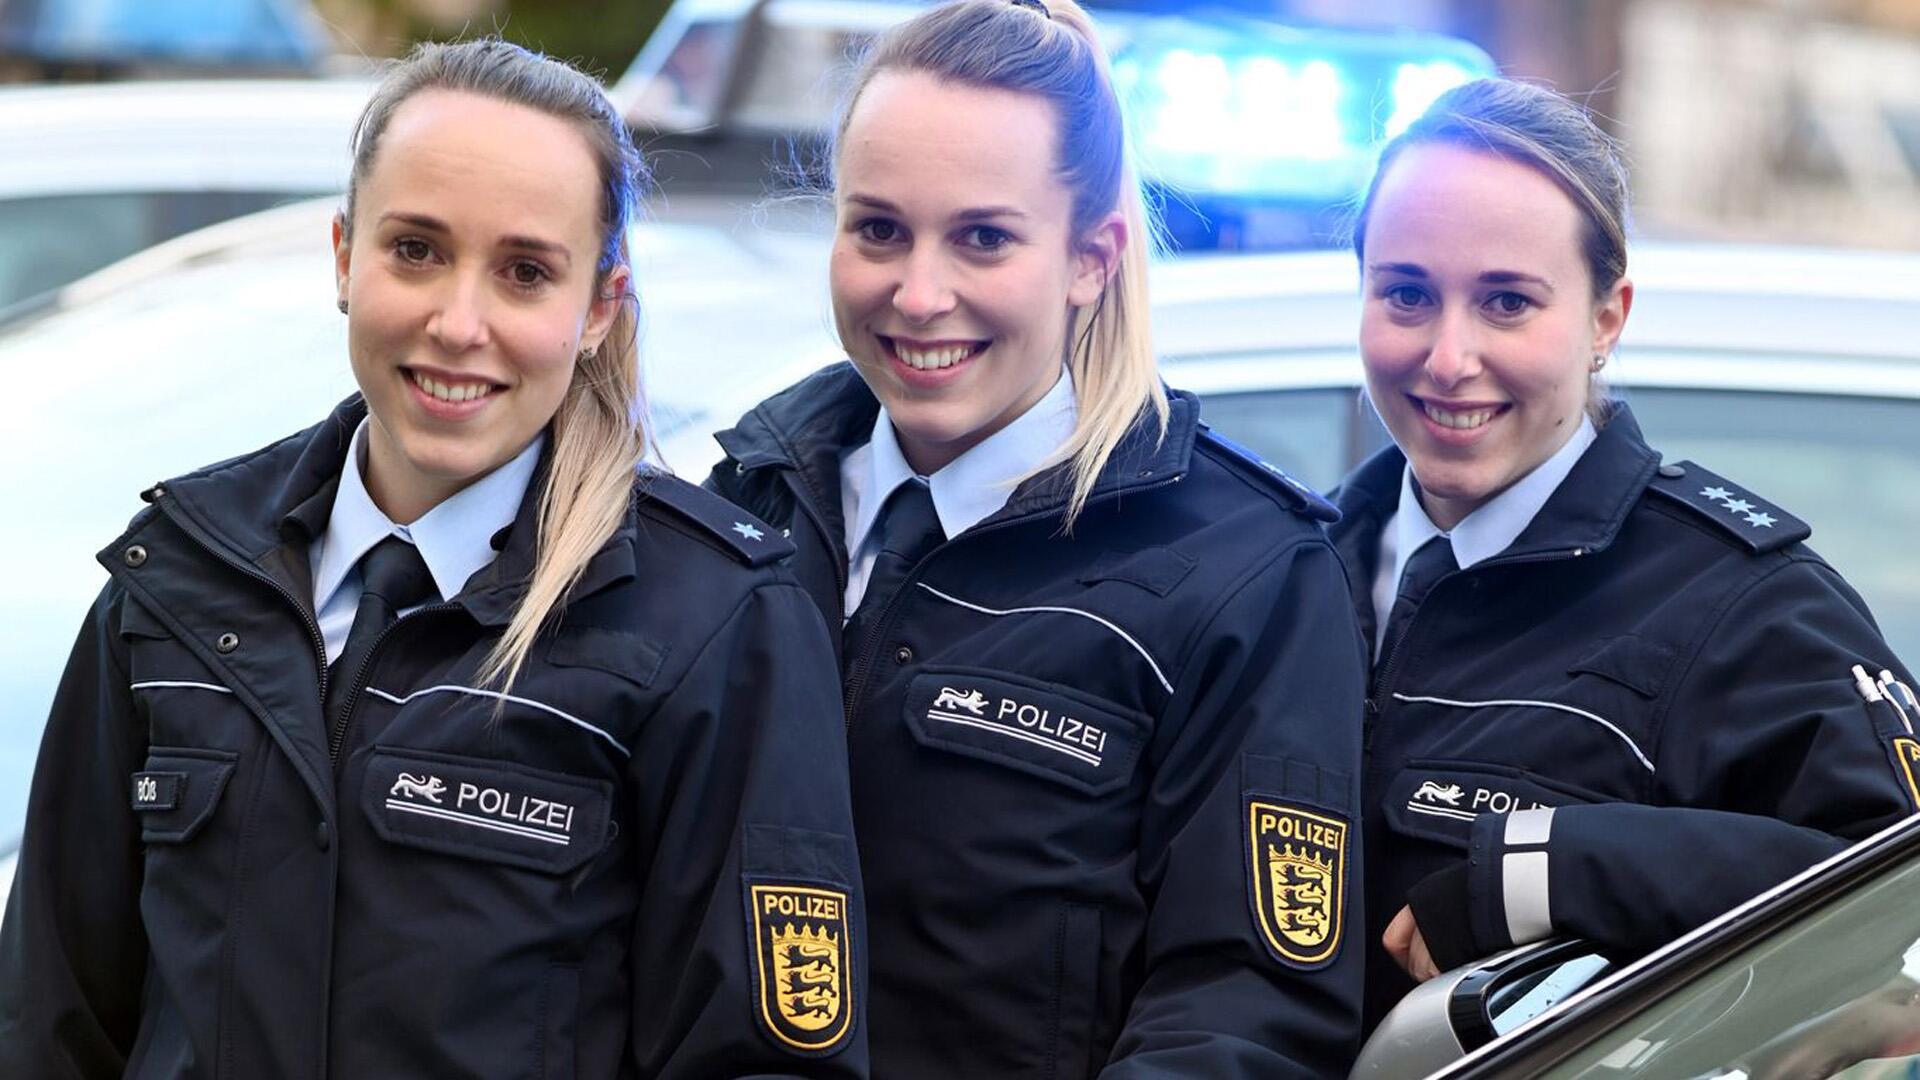 Bild zu Drillinge bei der Polizei